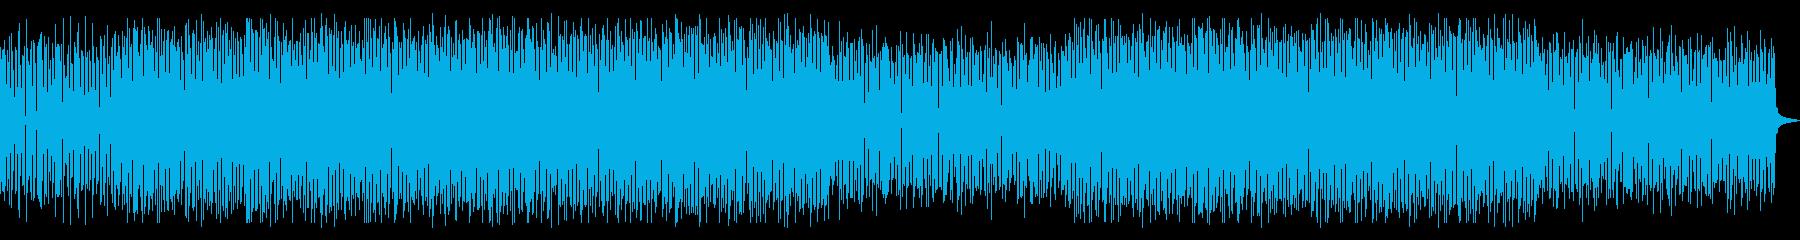 シンプルで強めのテクノ曲の再生済みの波形